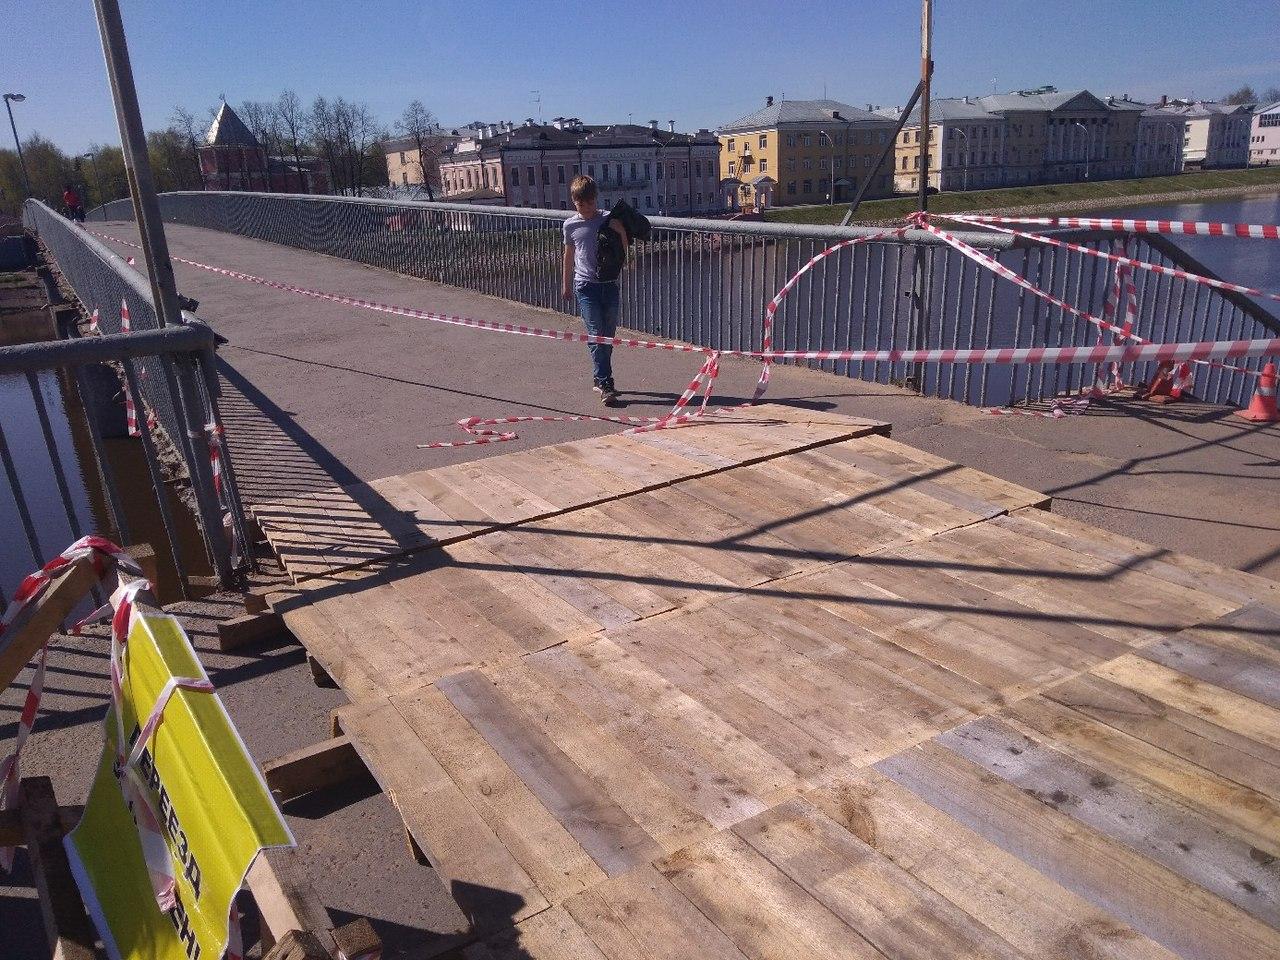 Дыру в пешеходном мосту в Вологде закрыли деревянным настилом